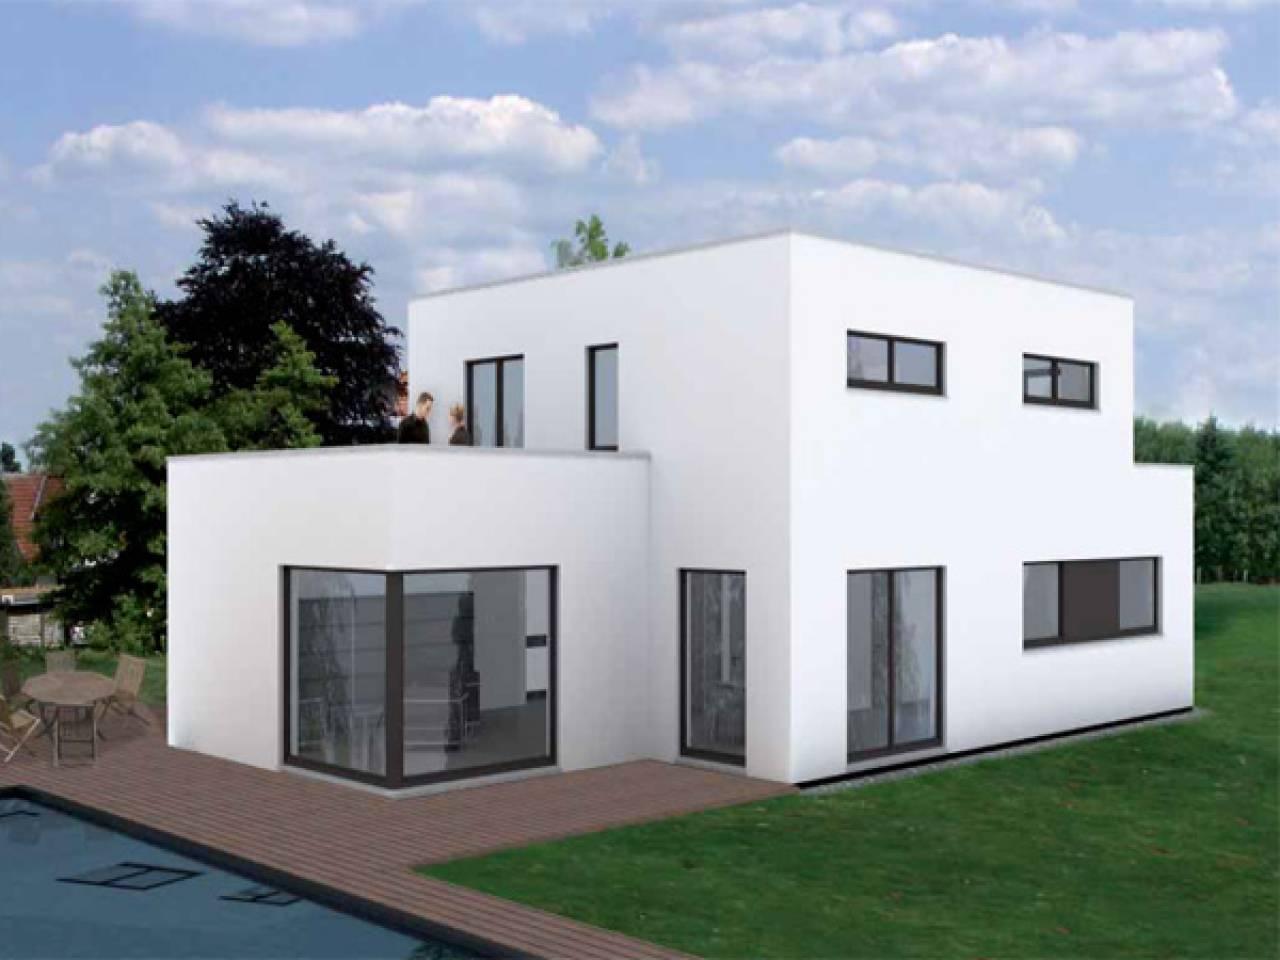 pin hausfassade wei hausfassade modern on pinterest. Black Bedroom Furniture Sets. Home Design Ideas